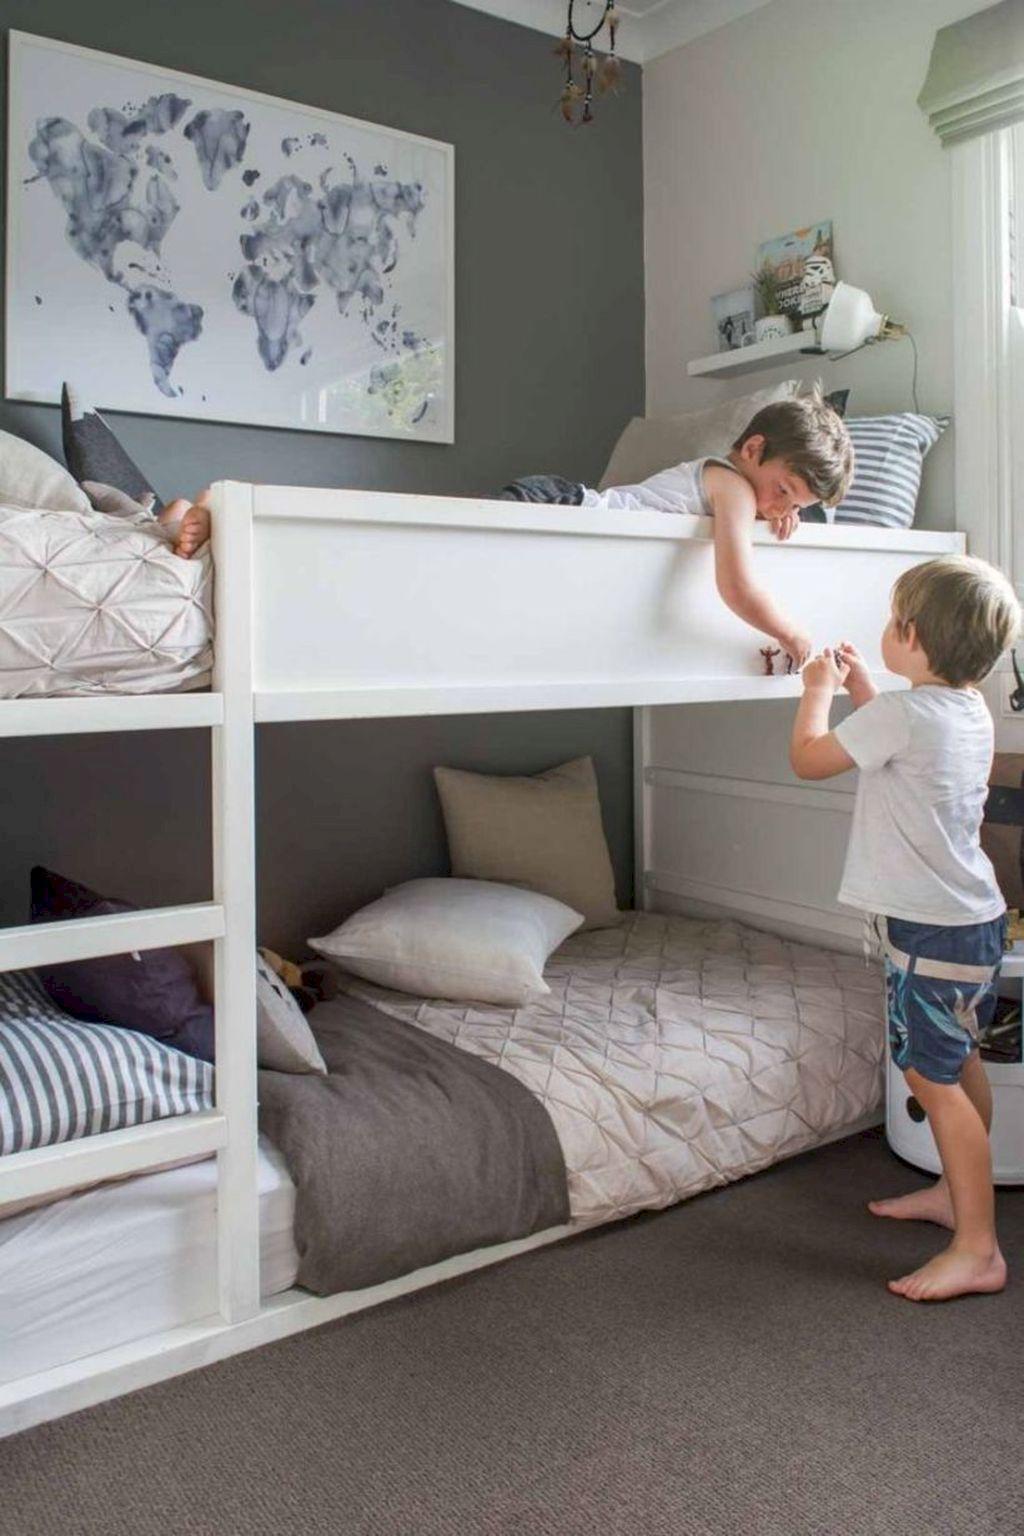 70 Kleine Wohnung Schlafzimmer Dekore Design Ikea Kura Bett